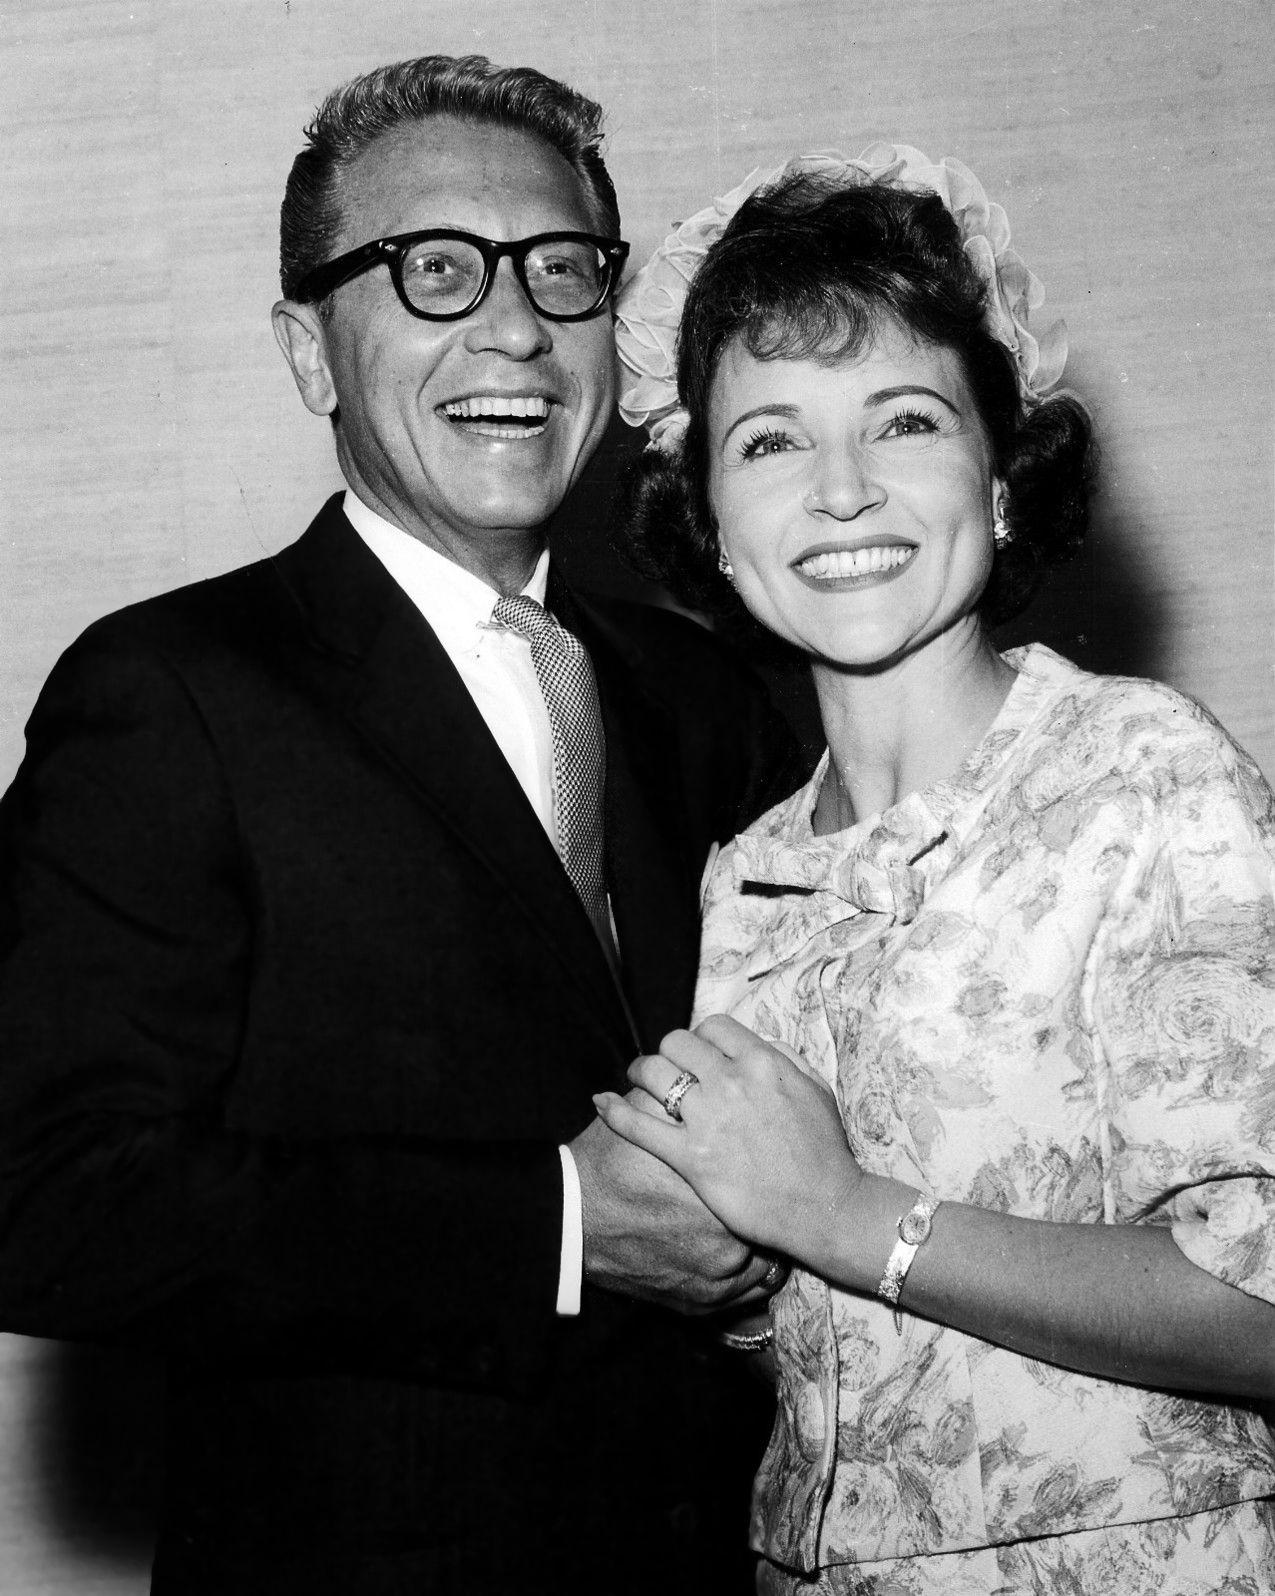 Betty White Married Allen Ludden On June 6 1963 In Las Vegas